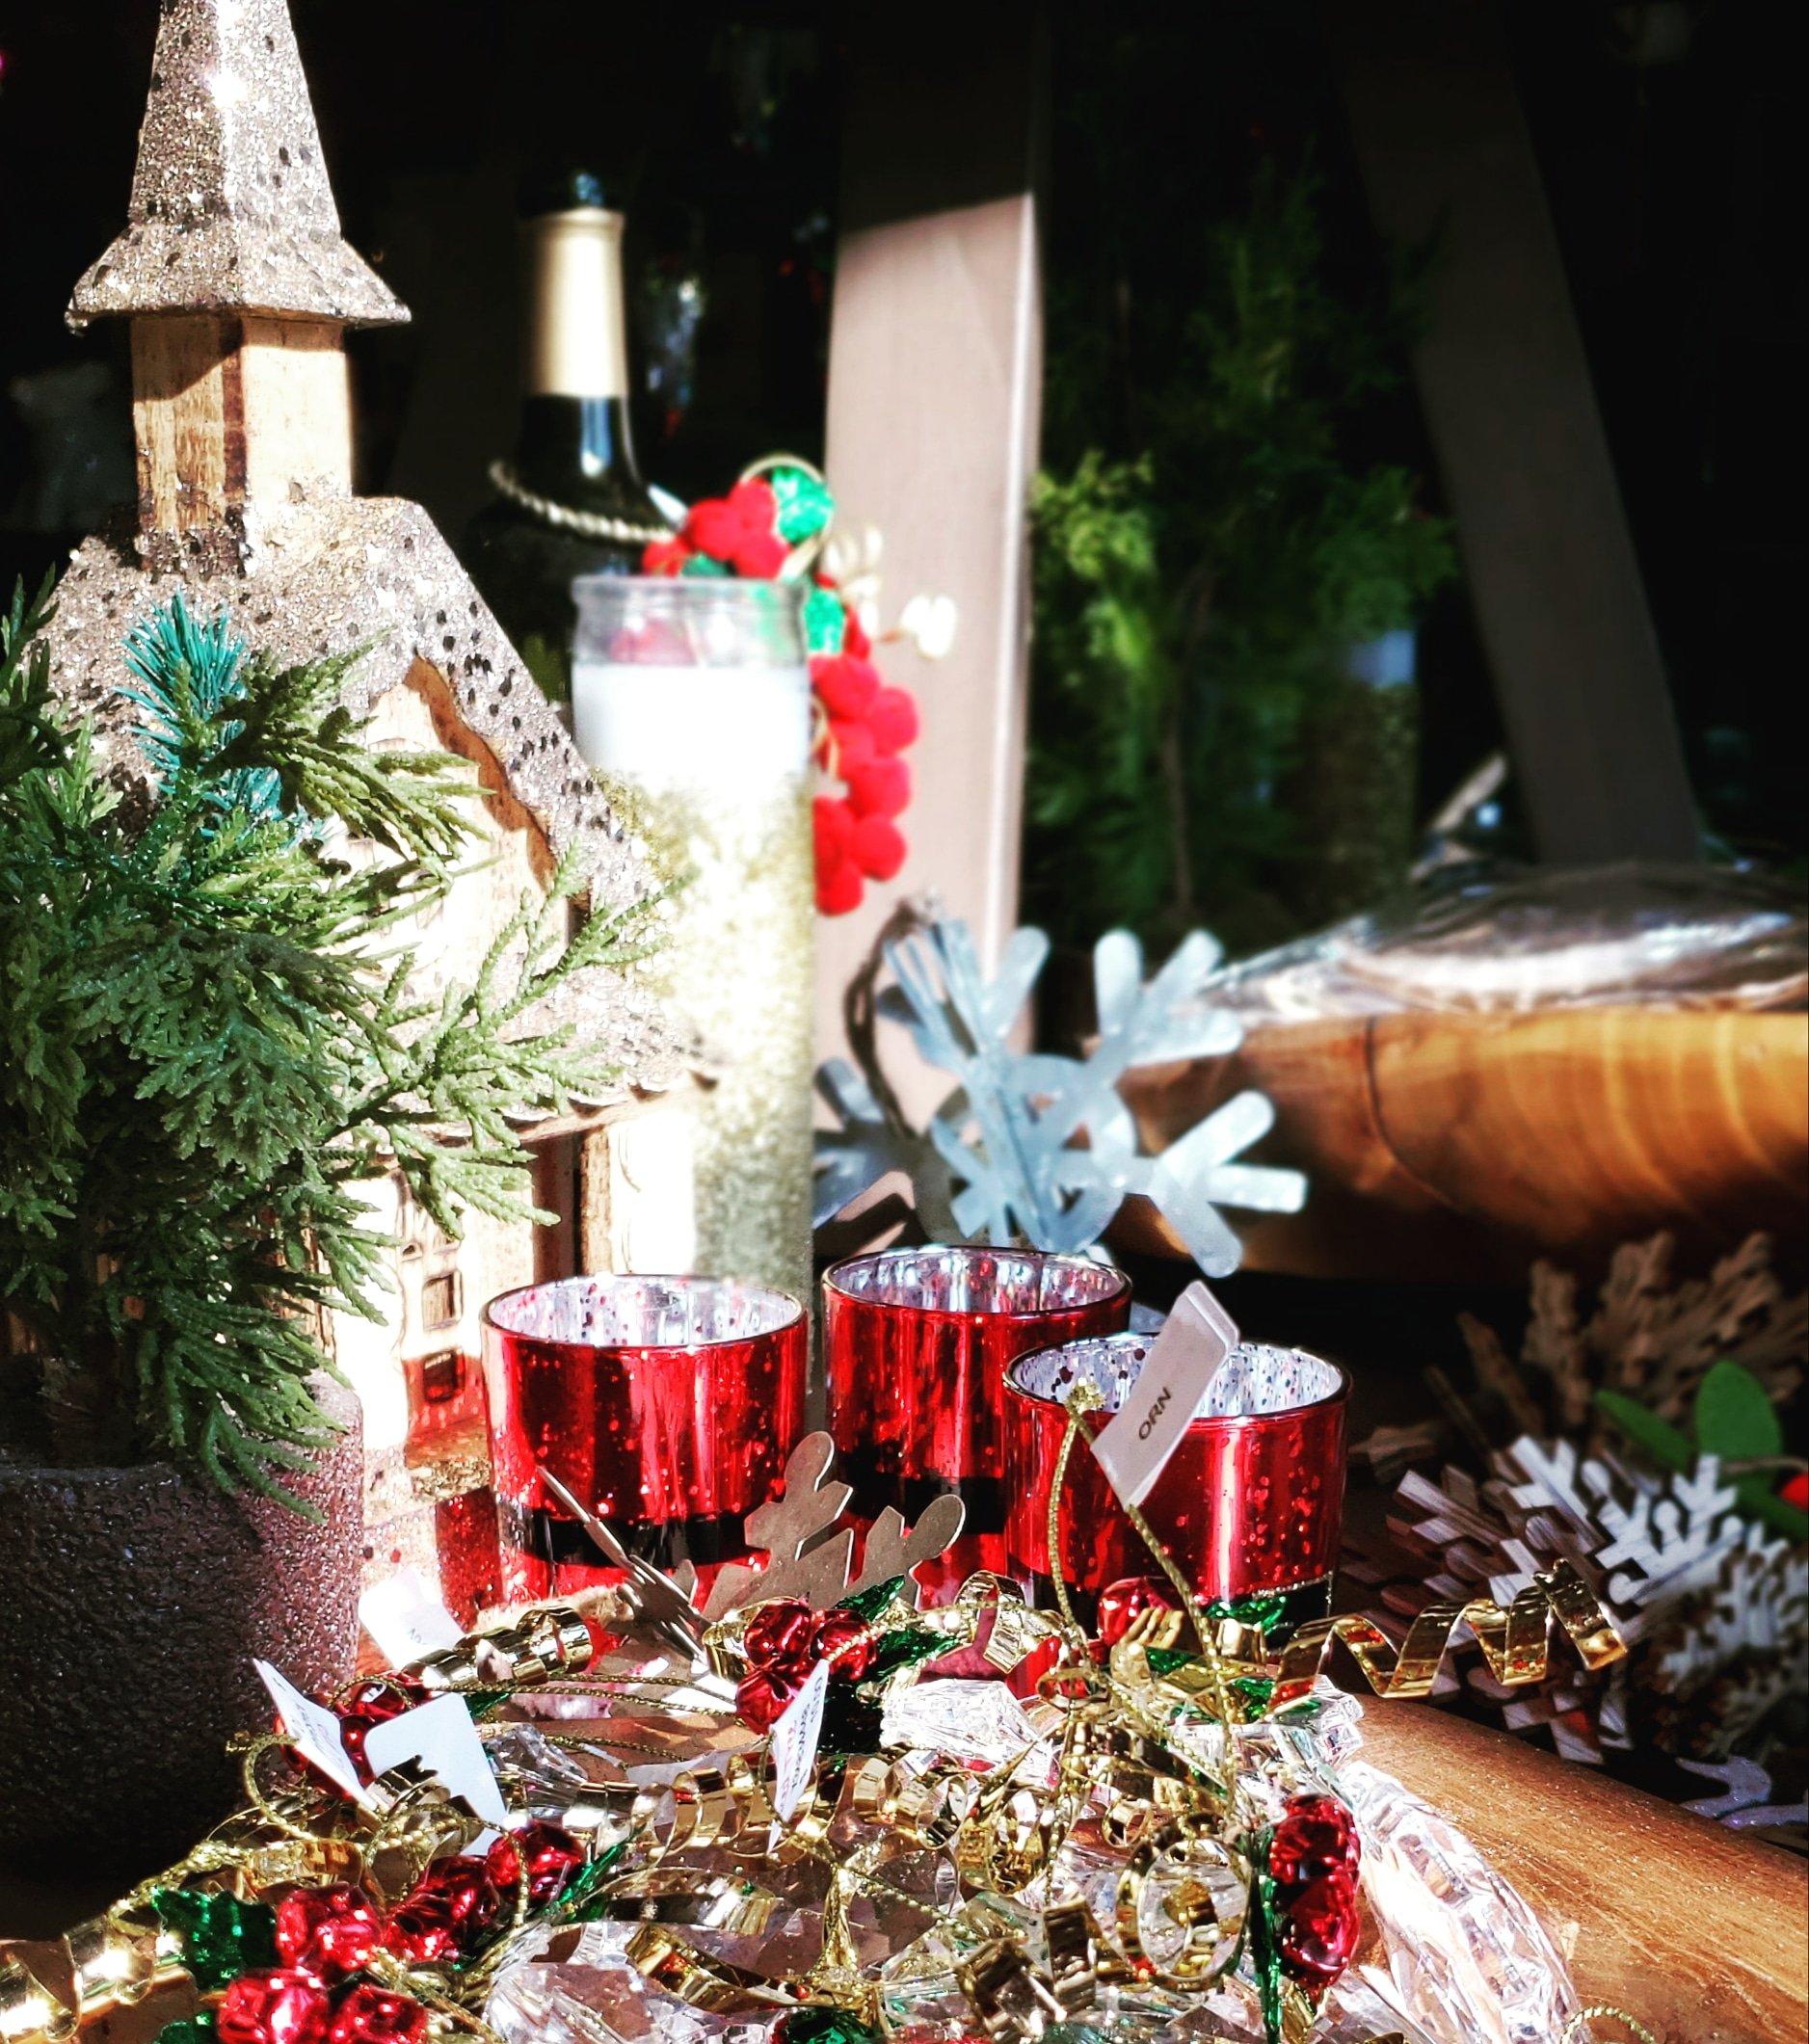 Church & Christmas decor